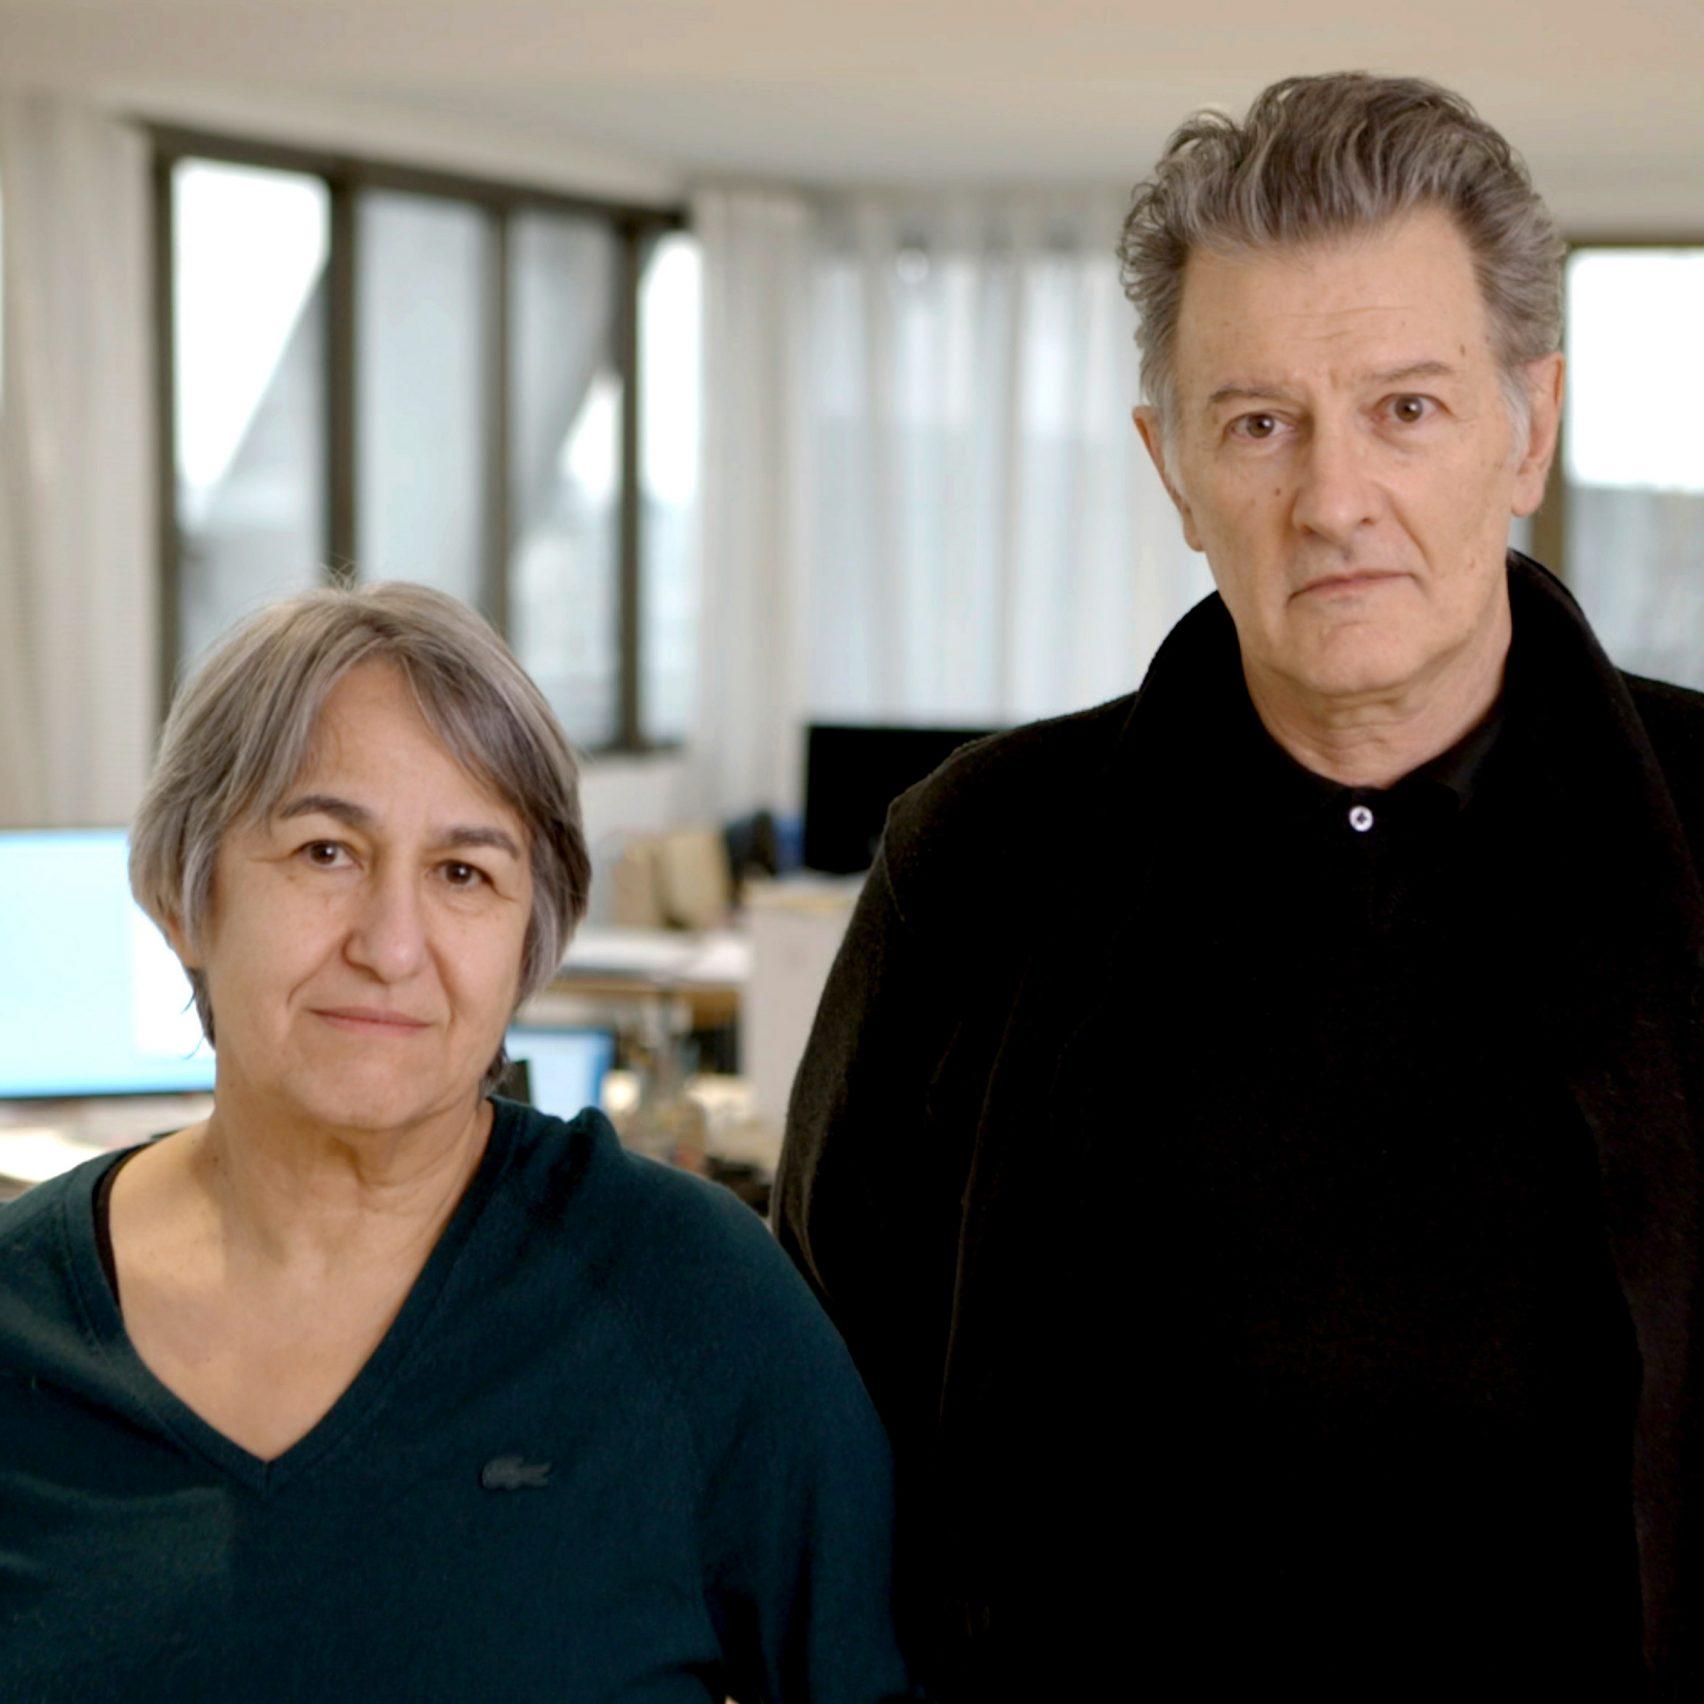 Anne Lacaton és Jean-Philippe Vassal nyerte el a 2021-es Pritzker Építészeti Díjat